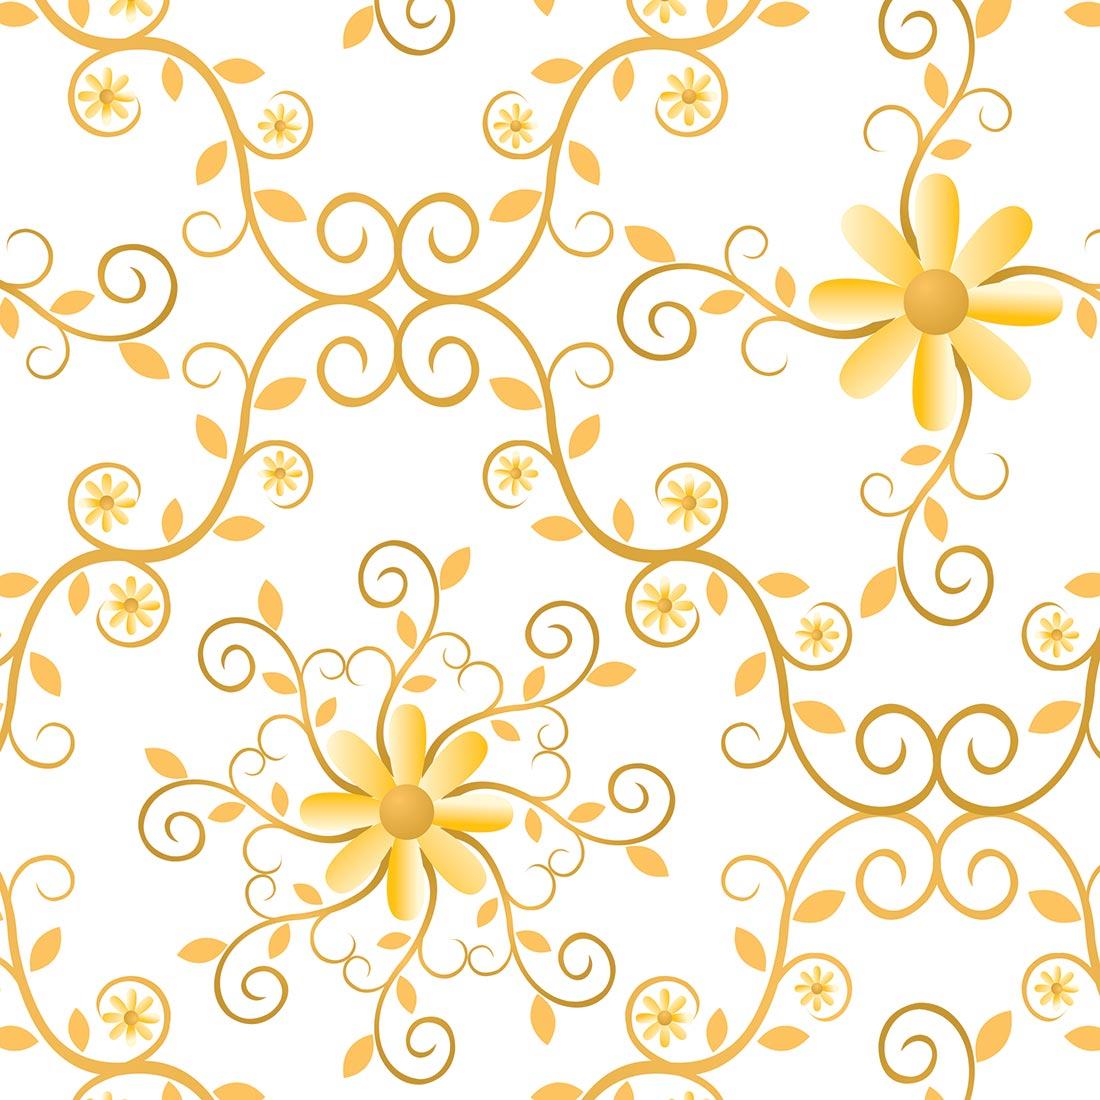 Papel de parede floral com arabesco em t jmi decor elo7 for Papel de pared rustico